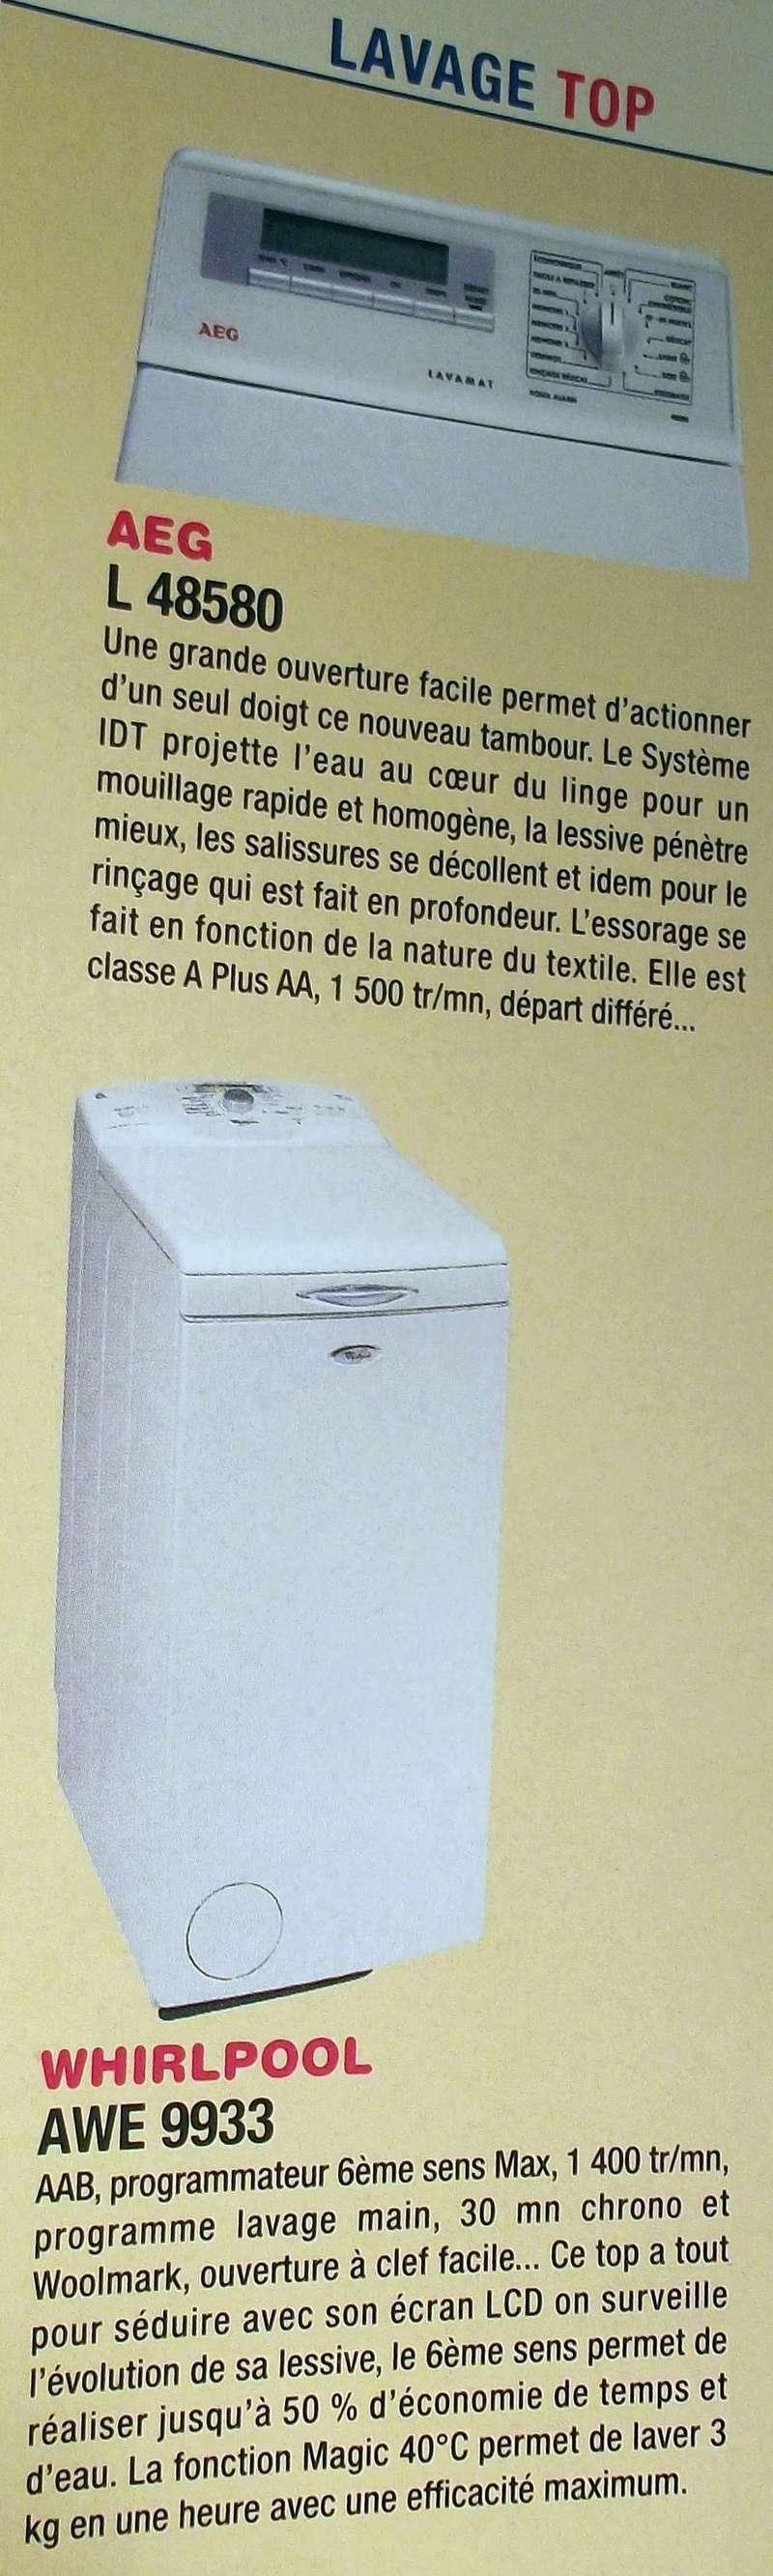 Confortique 2004 Confor15